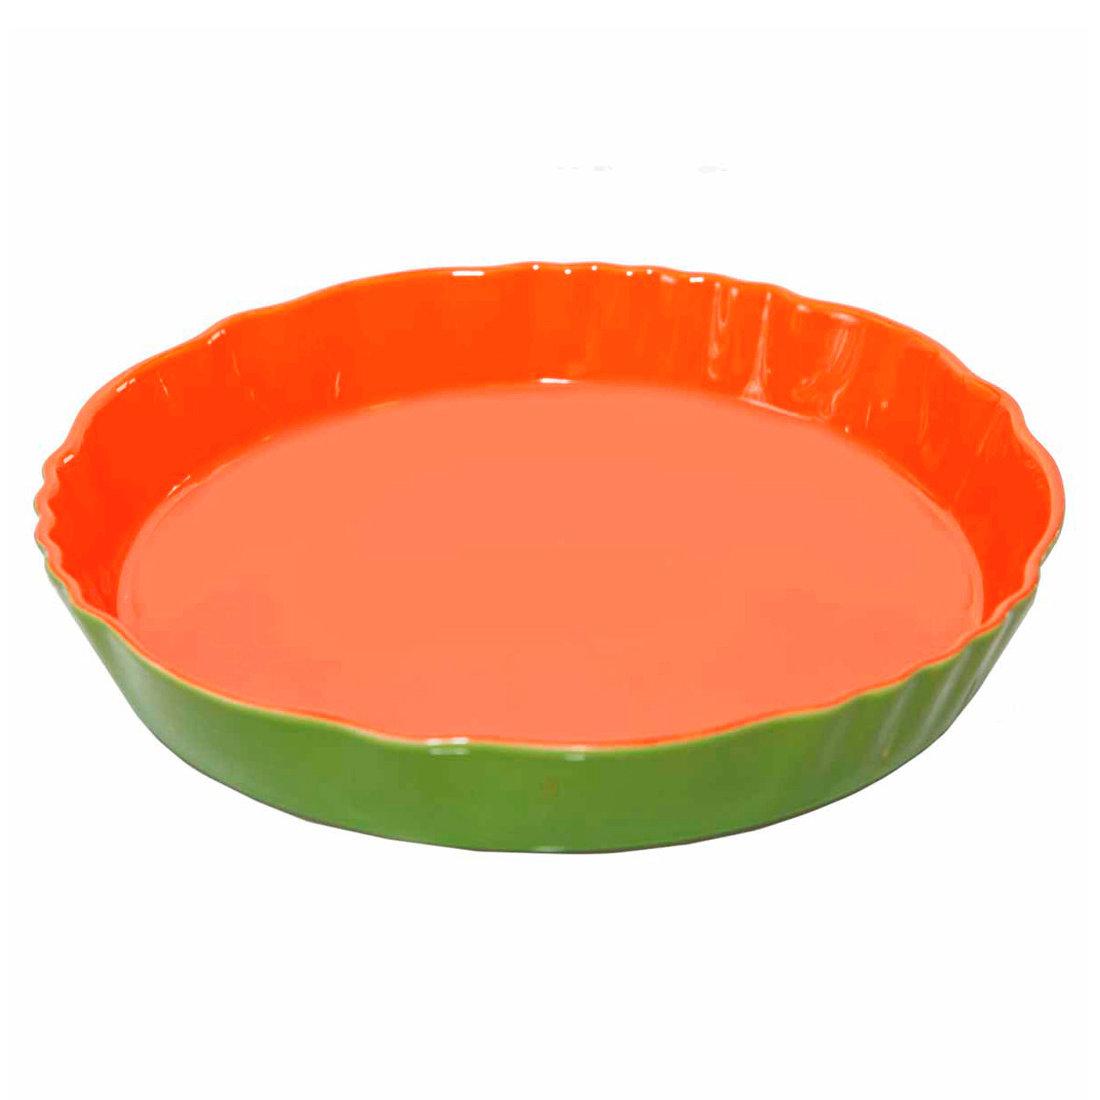 Φόρμα τάρτας πορσελάνη 29 cm πράσινο-πορτοκαλί